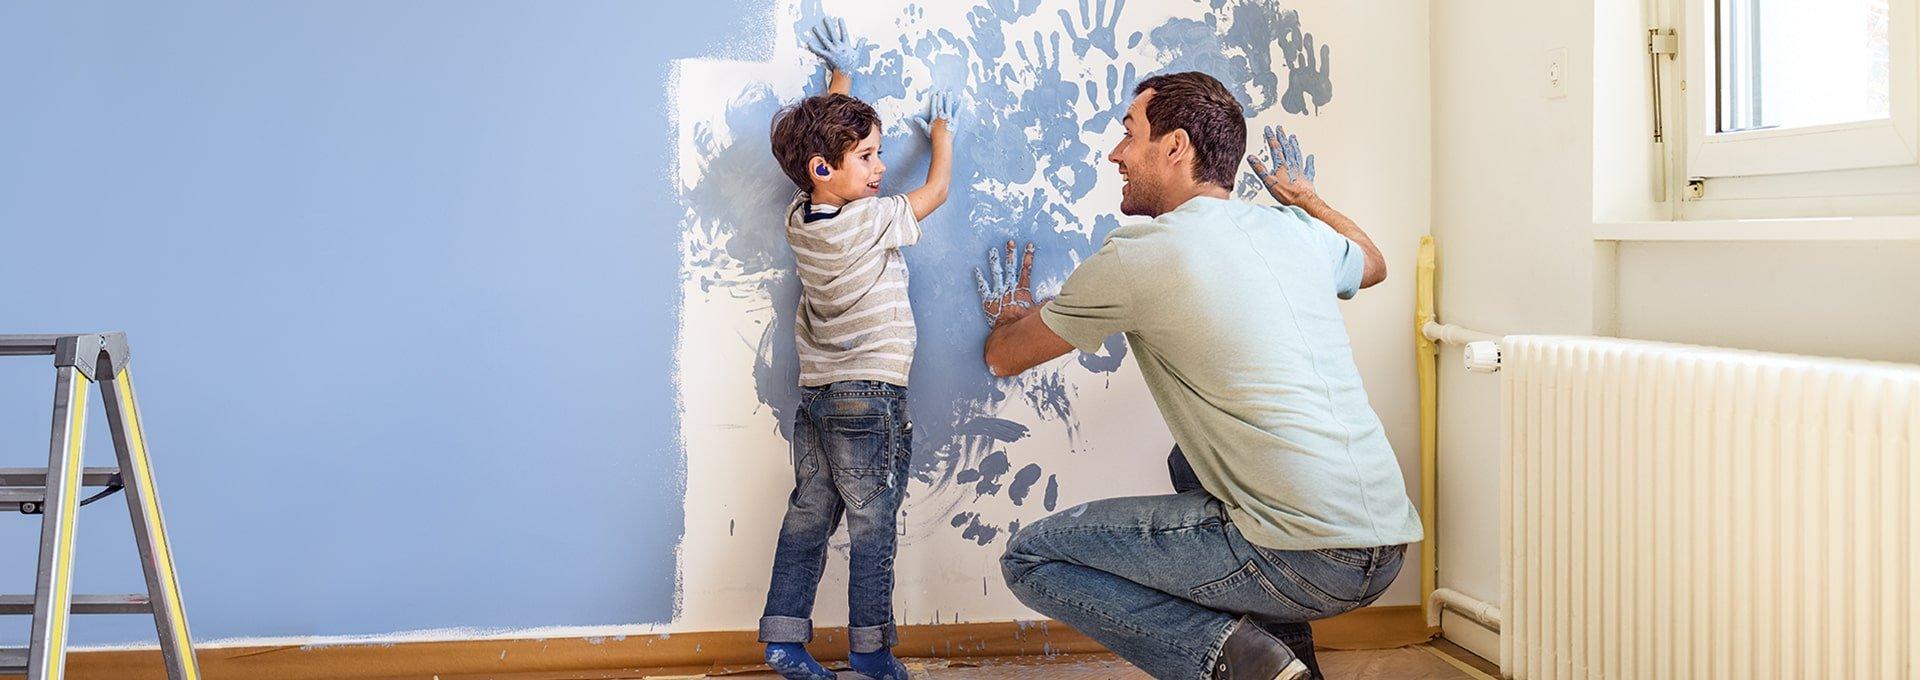 Far och son med Bernafon Leox Super Power | Ultra Power hörapparater som målar en vägg och lägger spontant handavtryck.